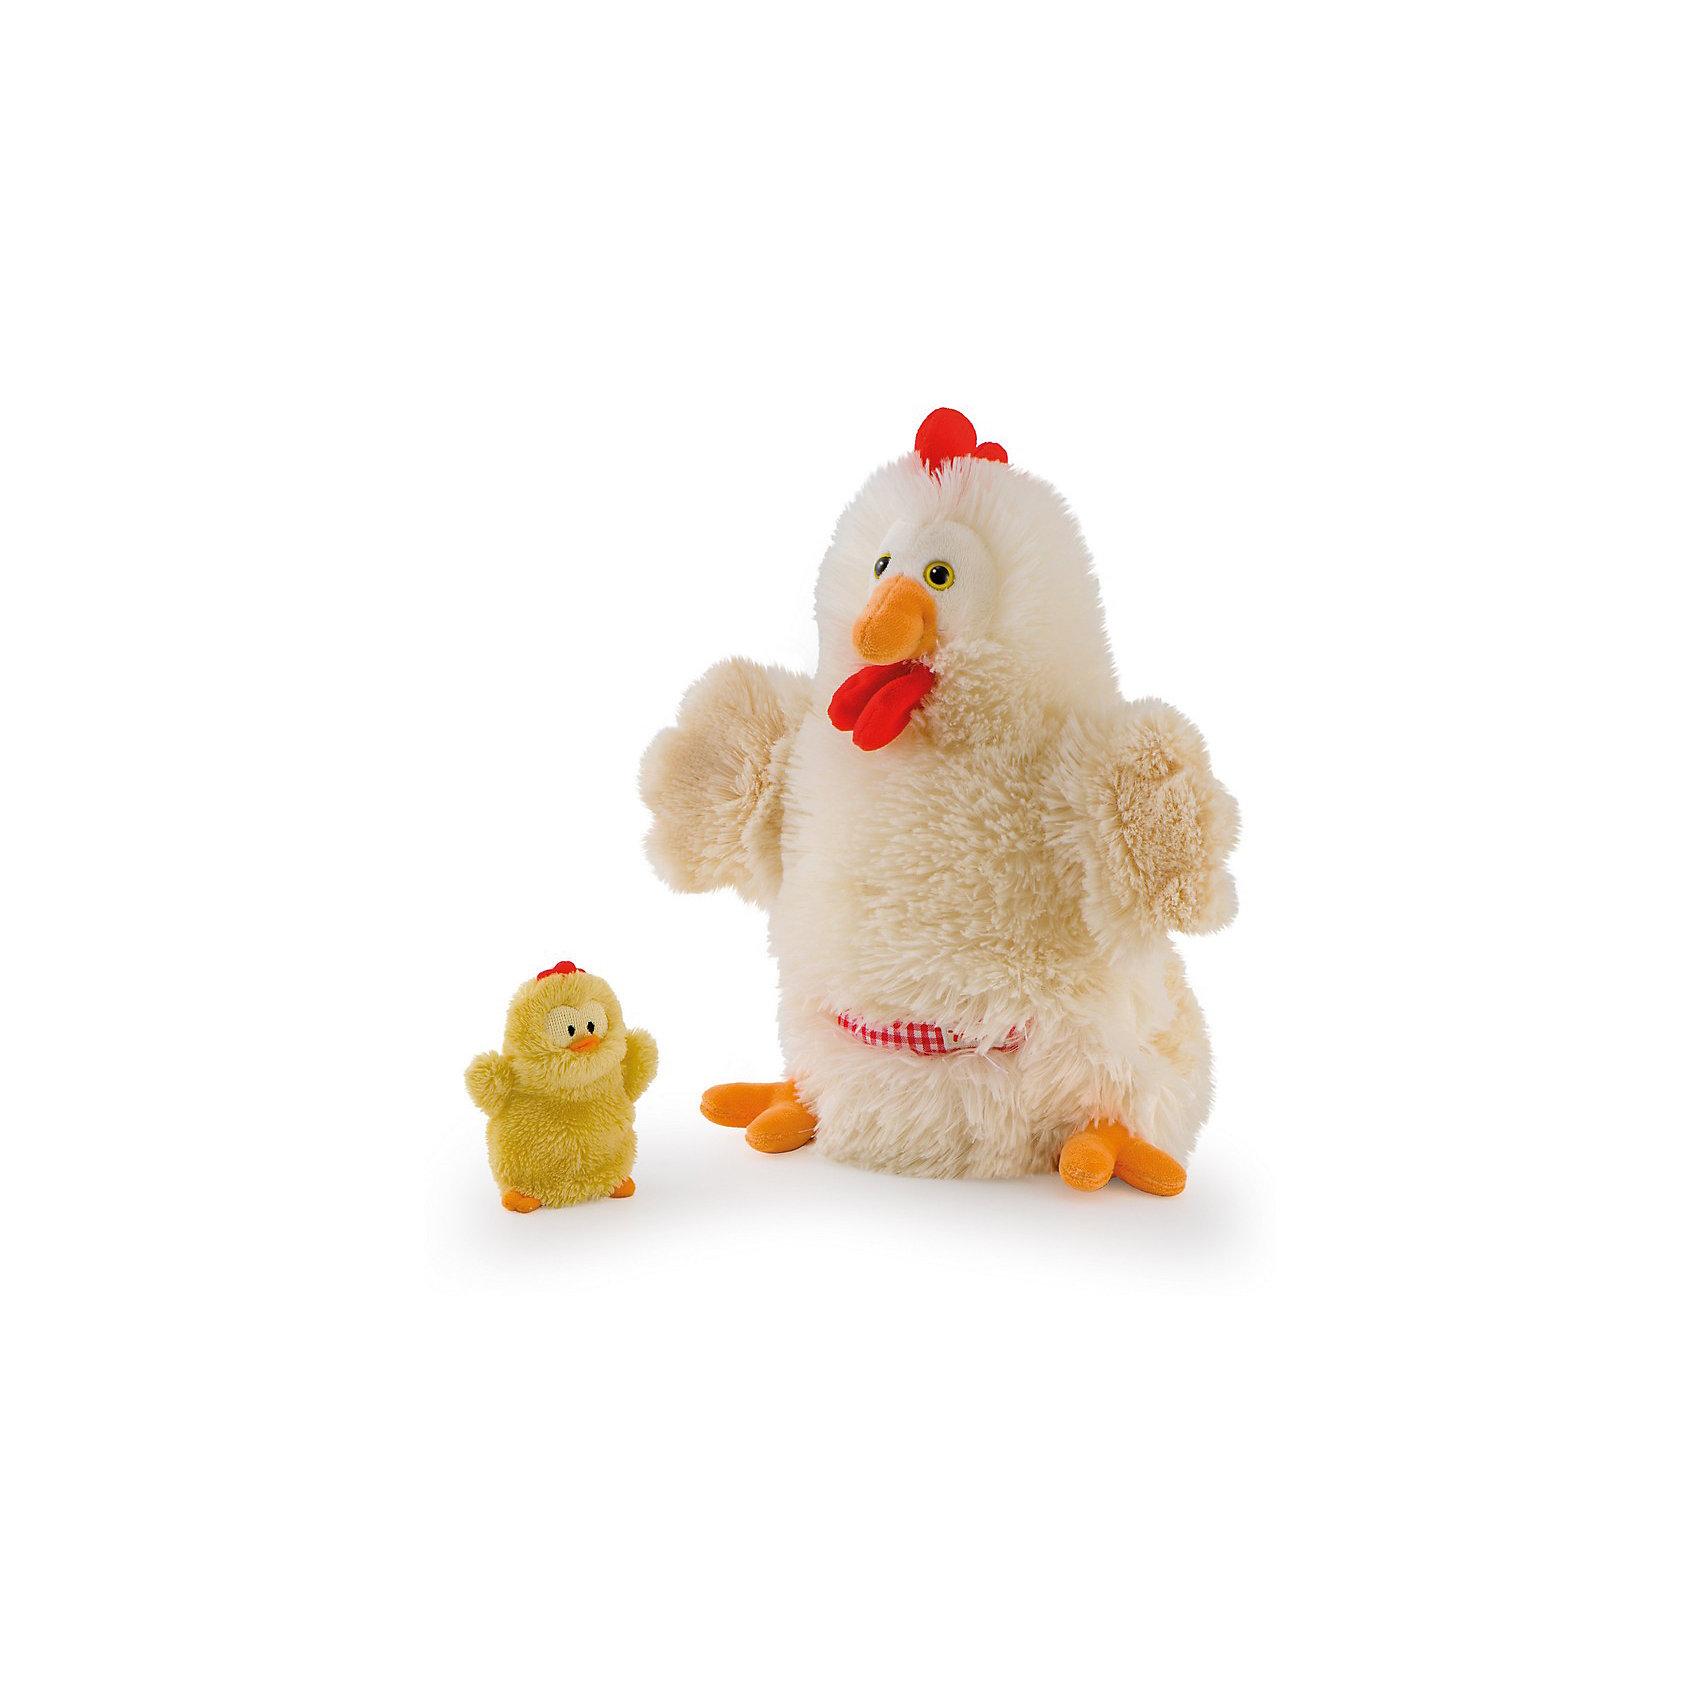 Мягкая игрушка на руку Курочка с цыпленком, 28 см, TrudiСимвол 2017 года: Петух<br>Очаровательная Курочка и ее не менее очаровательный малыш-цыпленок приведут в восторг любого ребенка. Курочка надевается на руку: вы сможете разыграть с детьми маленький спектакль, а уже подросшие ребята смогут играть с забавными игрушками самостоятельно. Мягкие игрушки Trudi изготовлены только из высококачественных экологичных материалов абсолютно безопасных для детей. Благодаря тщательной проработке всех деталей курочка выглядит очень реалистично, что, несомненно, порадует ребенка. Прекрасный подарок на любой праздник! <br><br>Дополнительная информация:<br><br>- Материал: плюш, пластик, текстиль, искусственный мех. <br>- Высота: 28 см. <br>- Допускается машинная стирка при деликатной режиме (30 ?).<br><br>Мягкую игрушку на руку, Курочку с цыпленком, 28 см, Trudi (Труди), можно купить в нашем магазине.<br><br>Ширина мм: 100<br>Глубина мм: 280<br>Высота мм: 280<br>Вес г: 160<br>Возраст от месяцев: 12<br>Возраст до месяцев: 2147483647<br>Пол: Унисекс<br>Возраст: Детский<br>SKU: 5055259